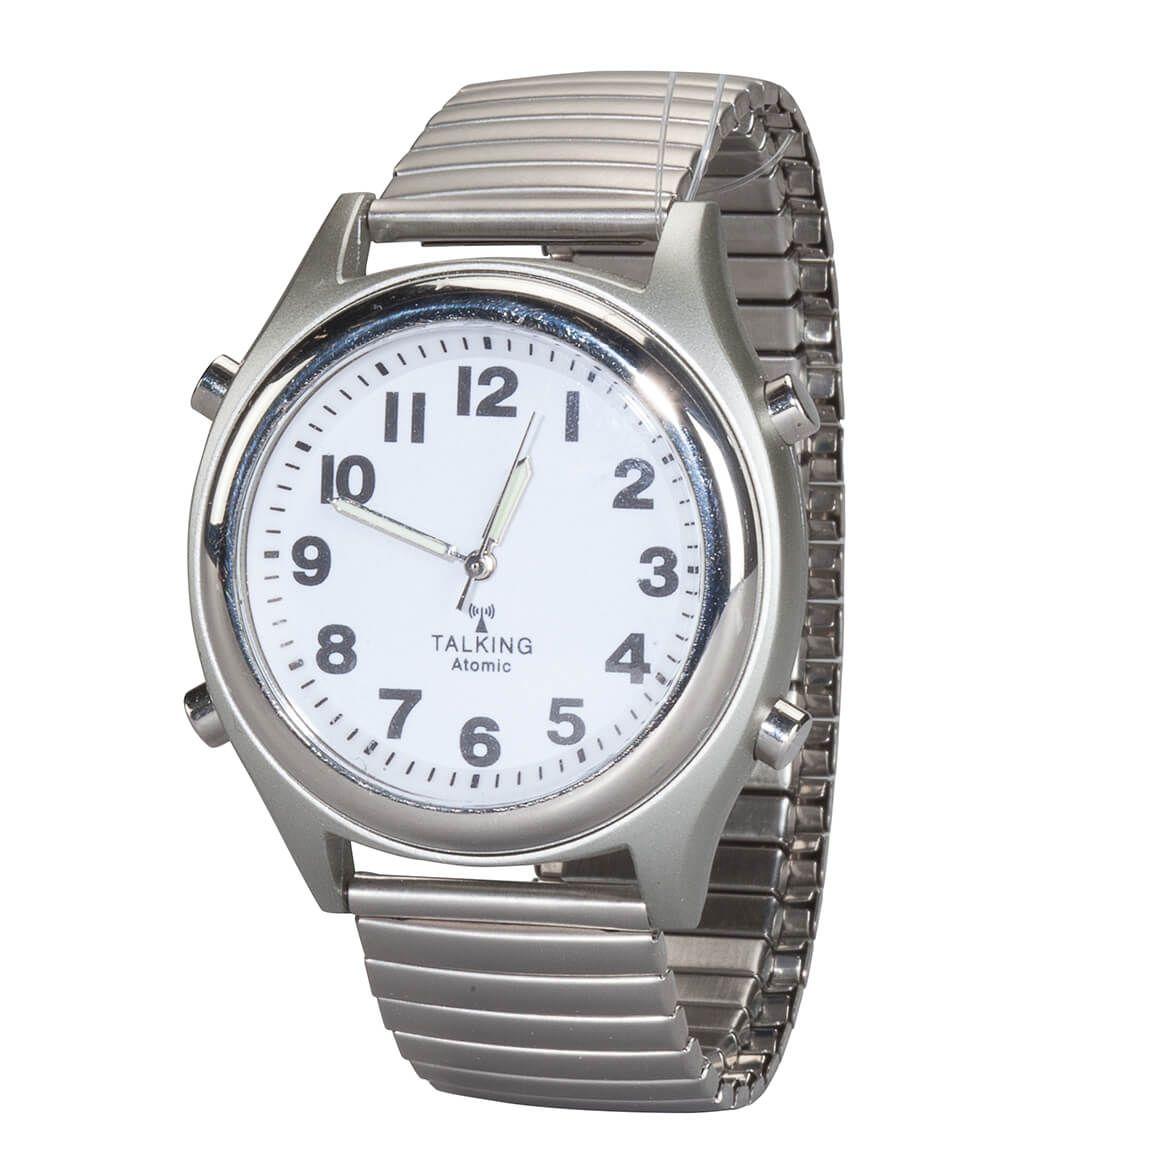 Talking Atomic Watch-366981